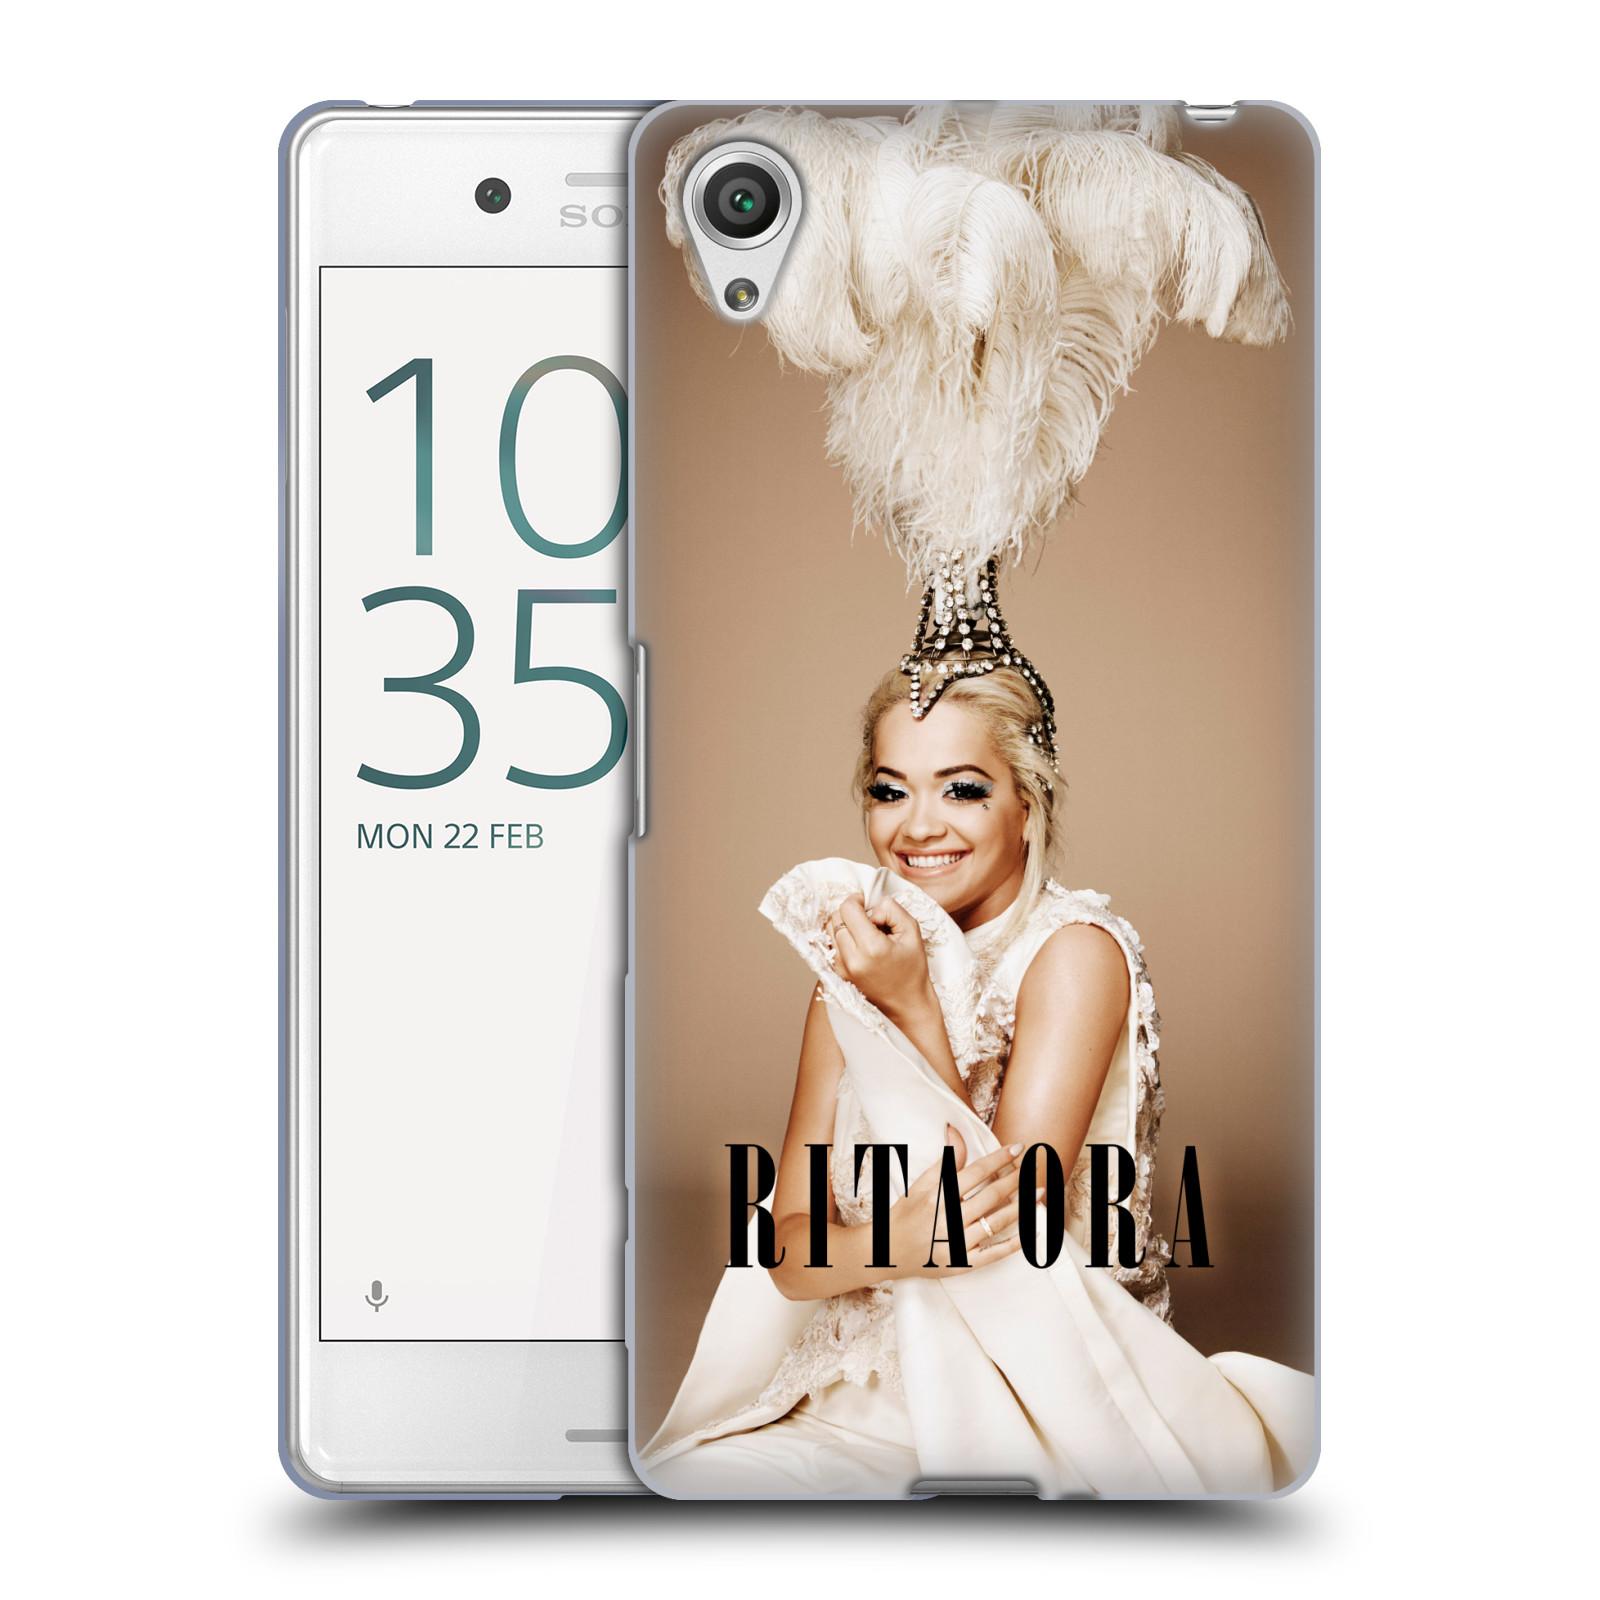 HEAD CASE silikonový obal na mobil Sony Xperia X PERFORMANCE zpěvačka Rita Ora peří